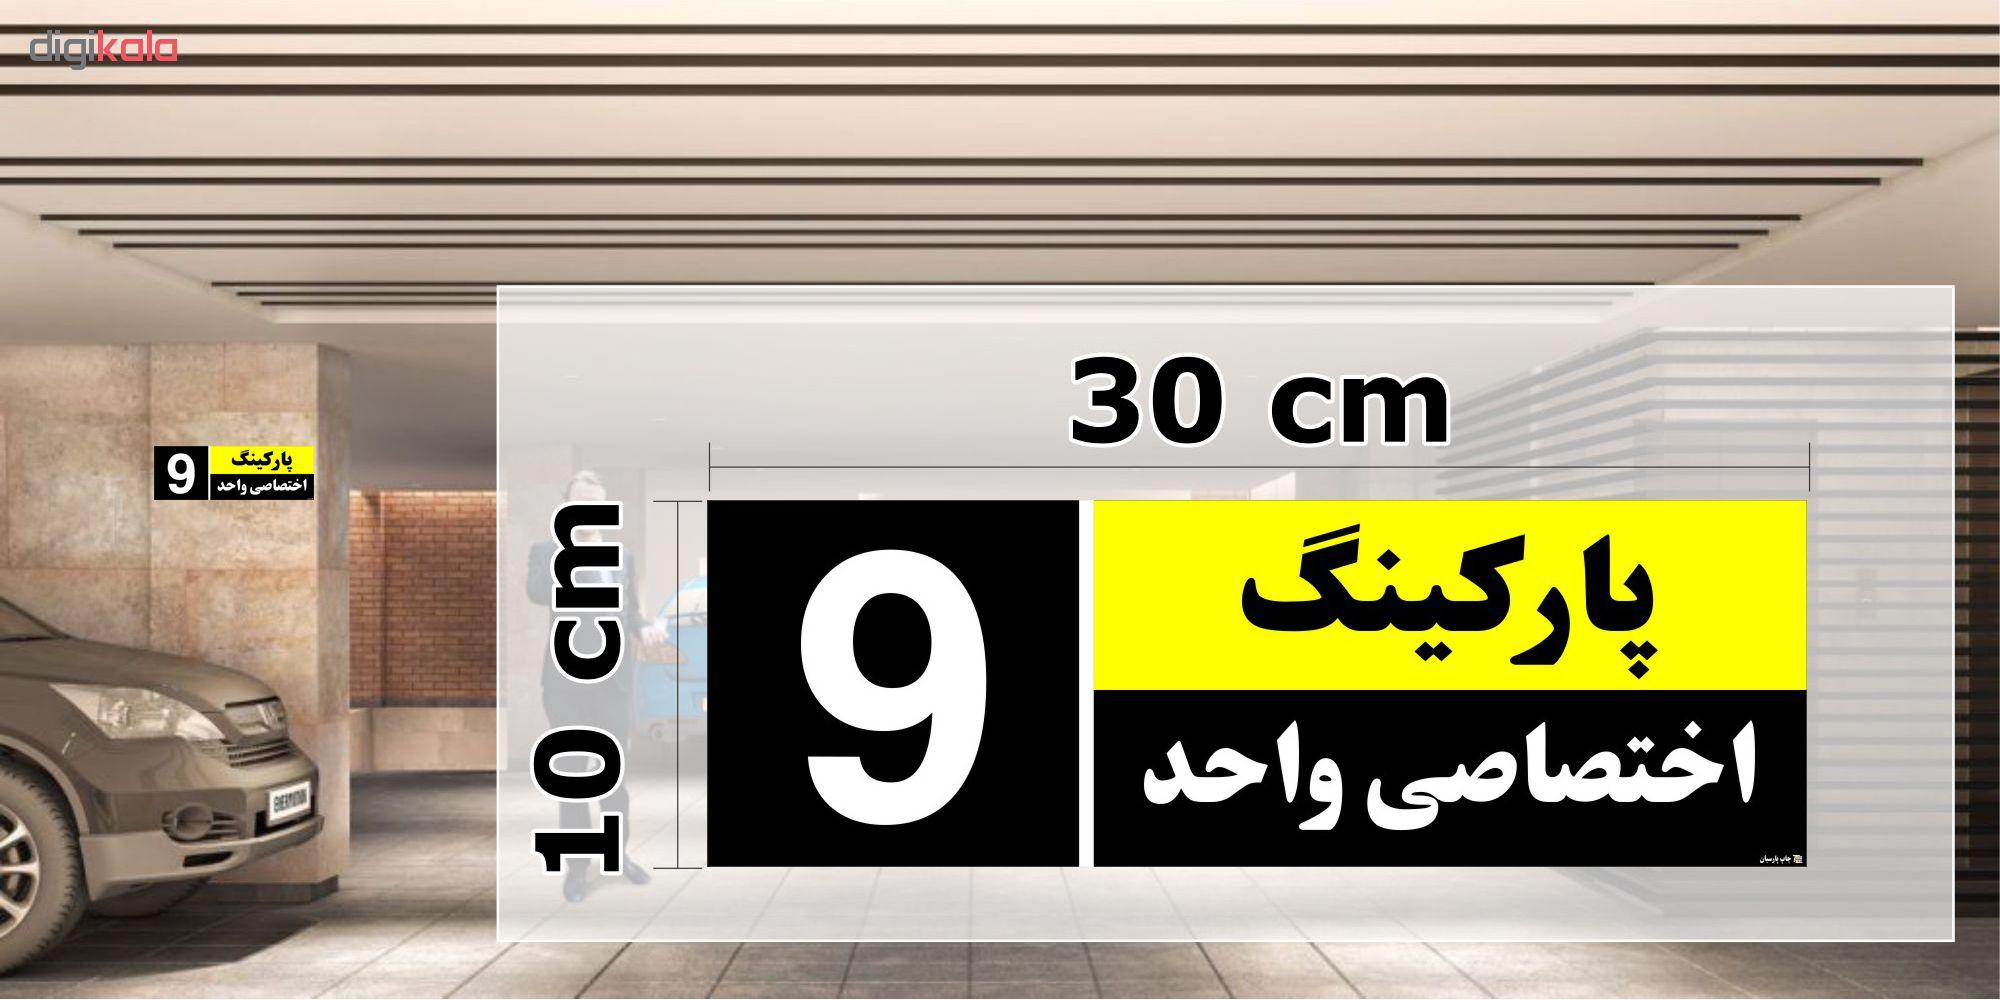 تابلو نشانگر چاپ پارسیان طرح شماره پارکینگ اختصاصی واحد 9